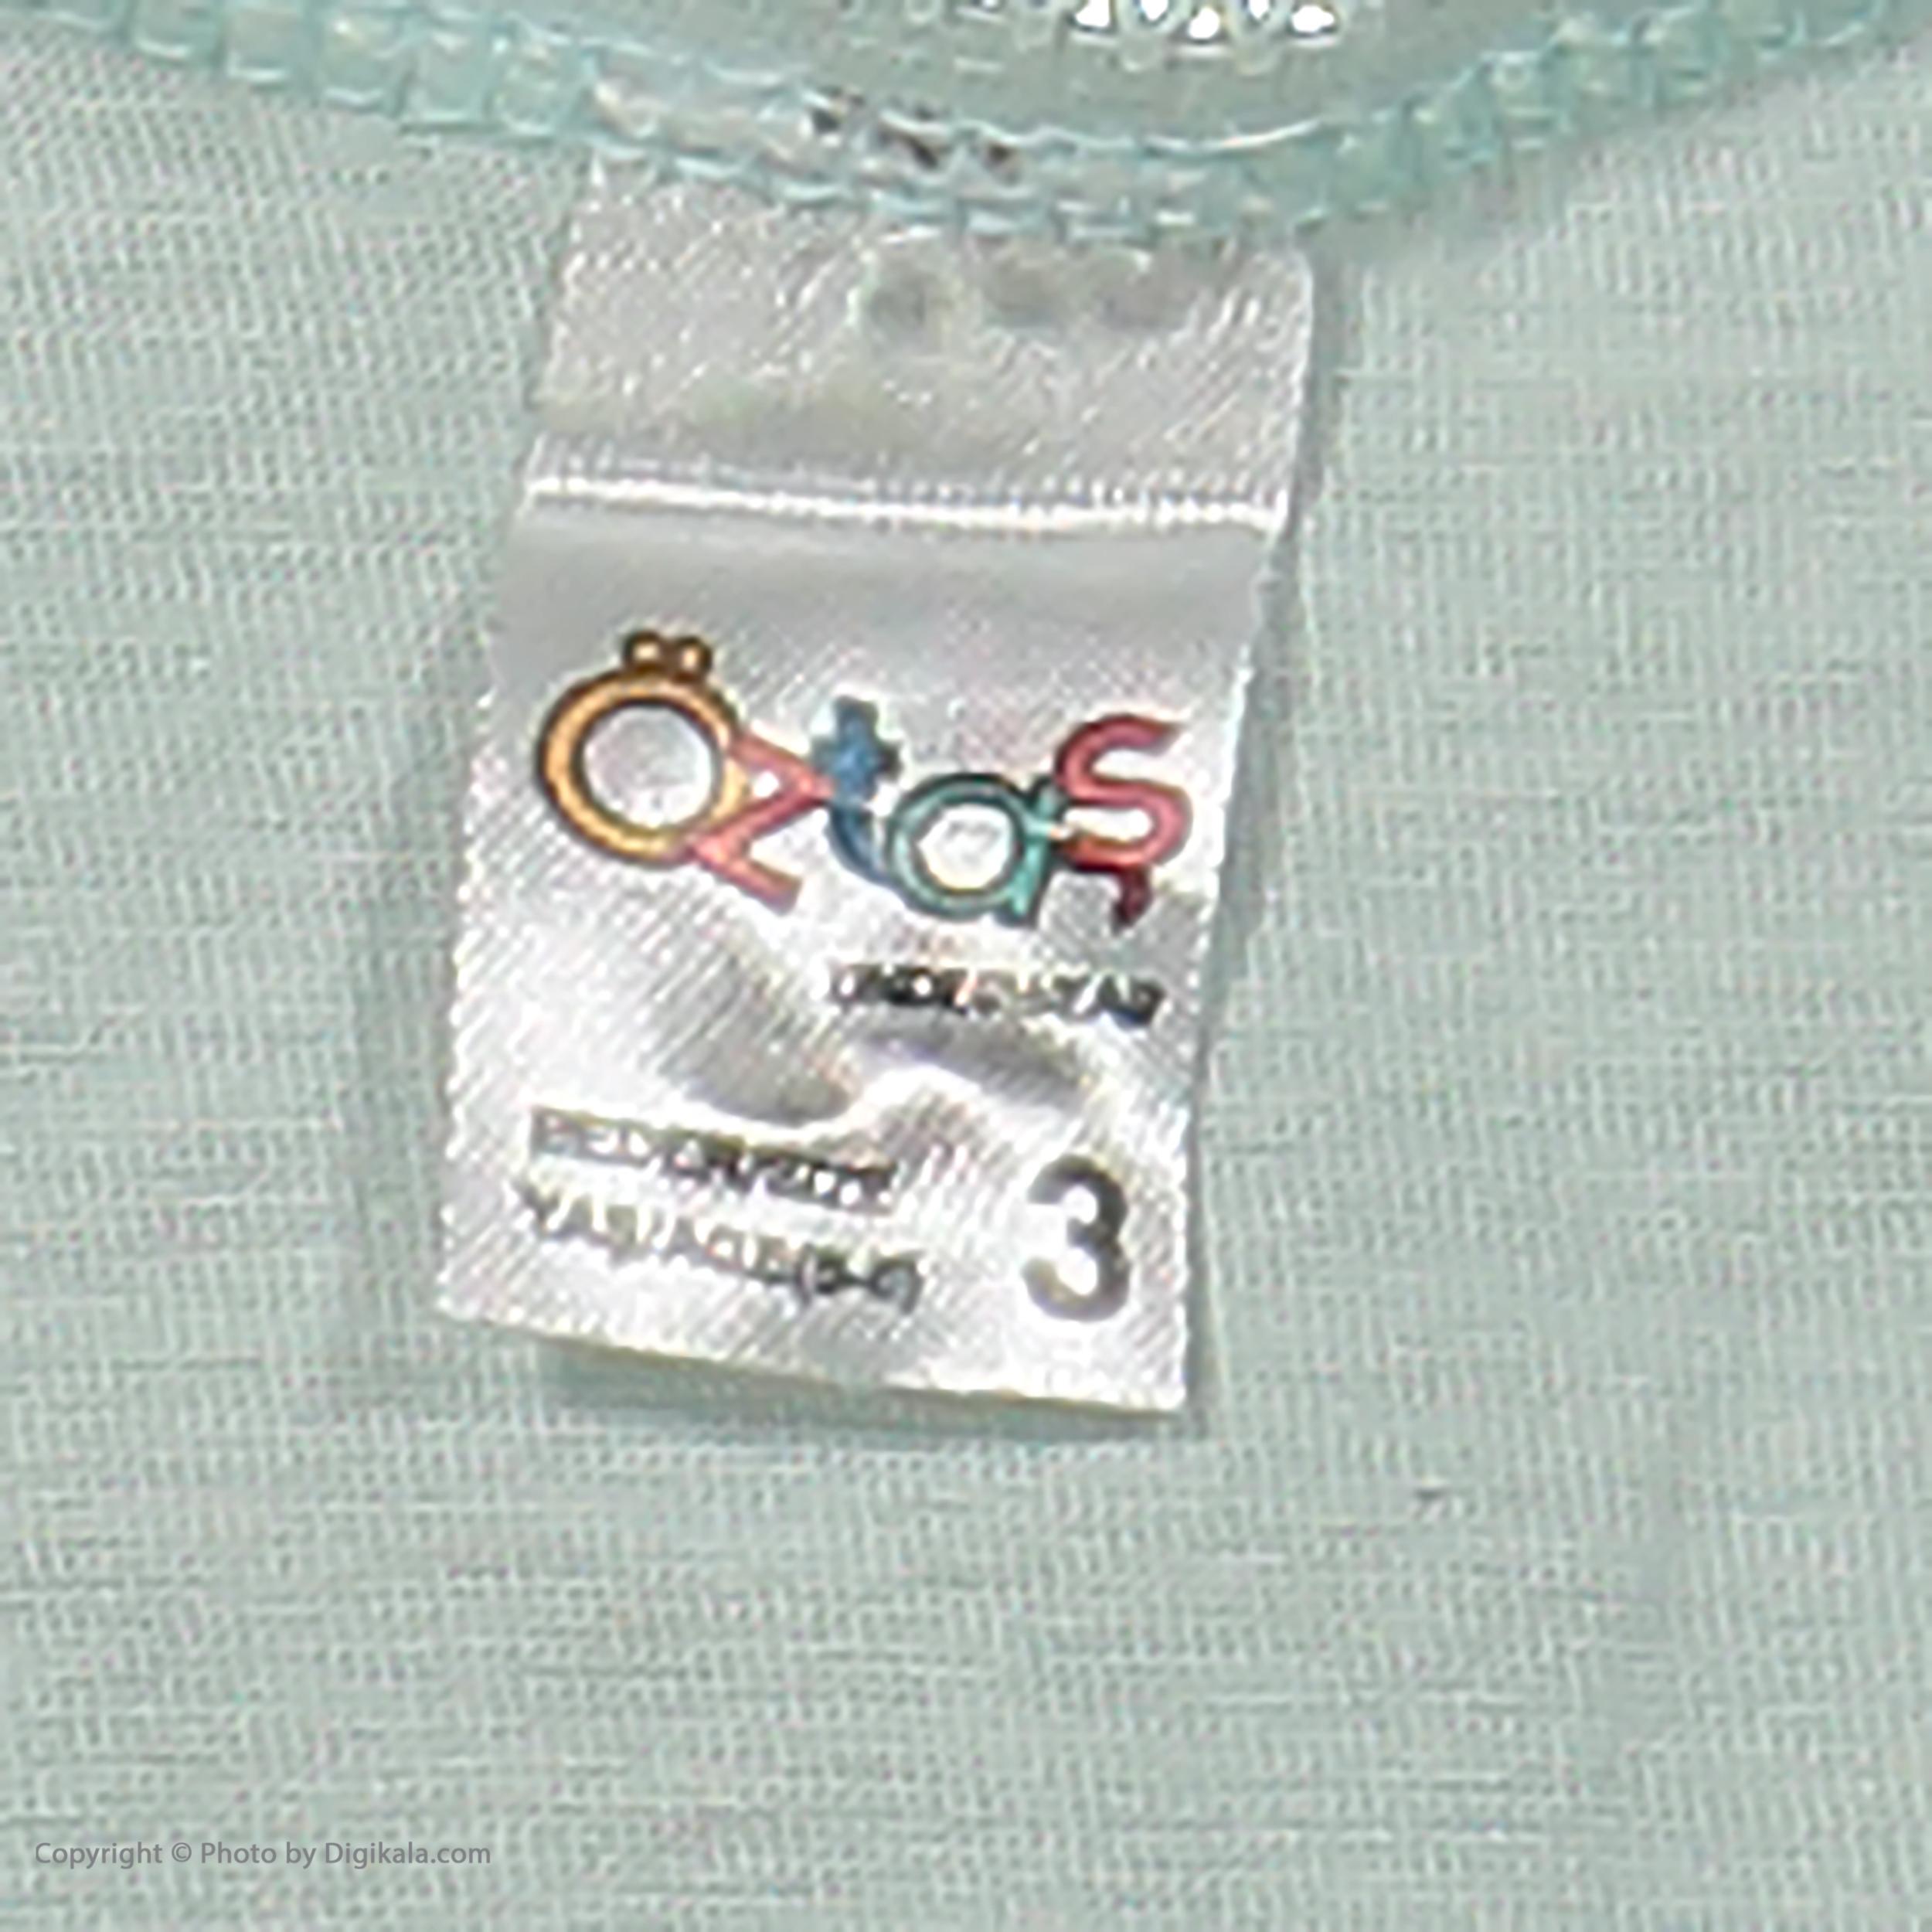 تاپ دخترانه اوزتاش مدل 9911 مجموعه 3 عددی -  - 9